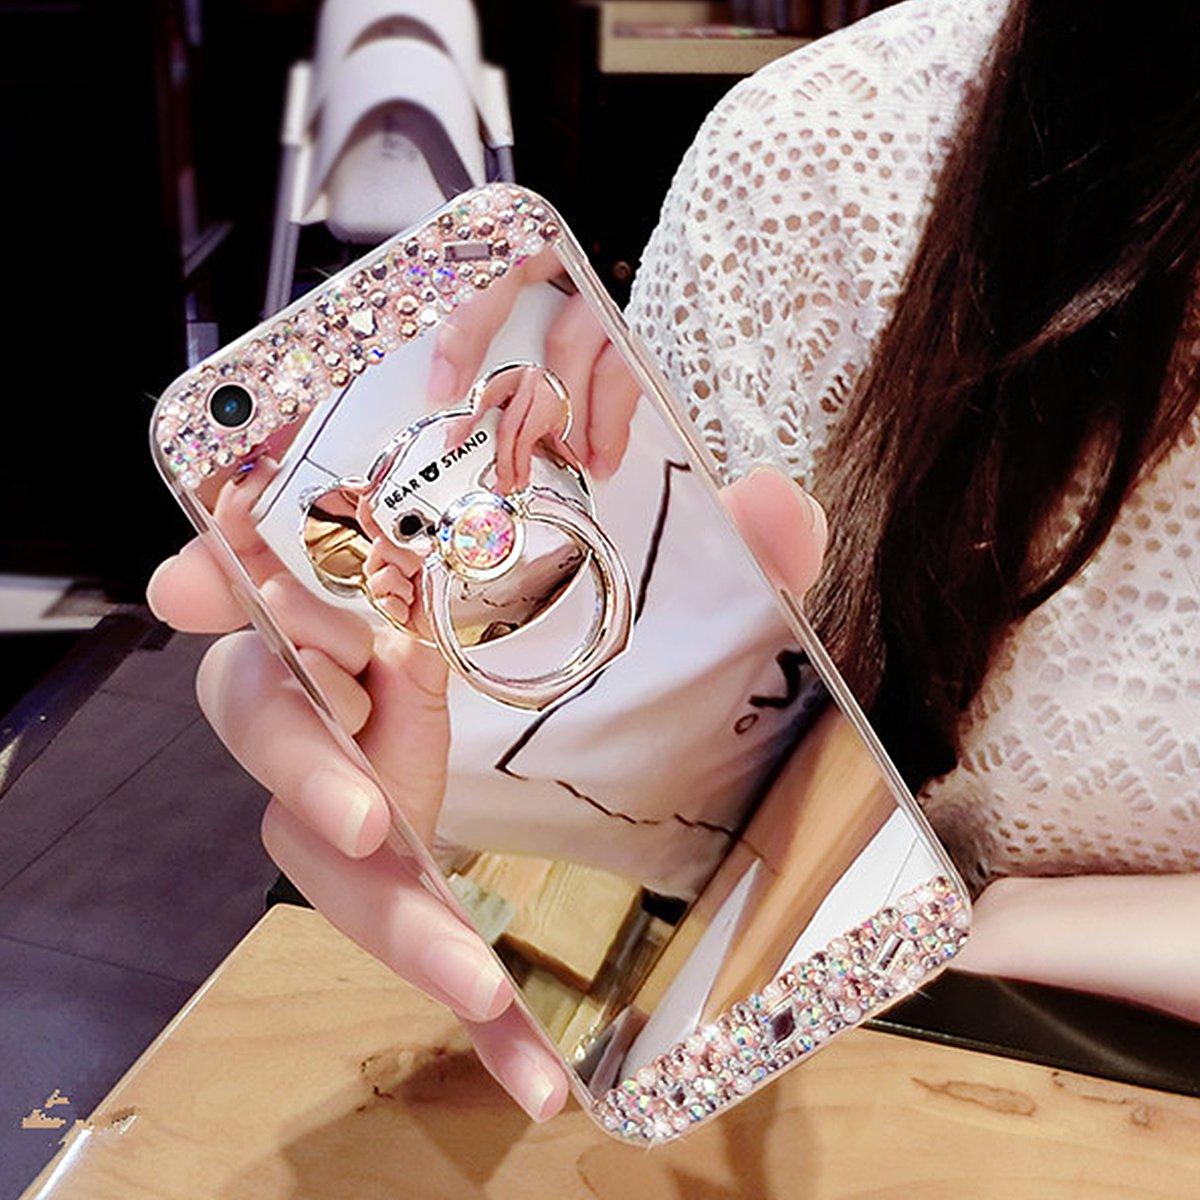 Custodia Samsung Galaxy S3 Glitter, Samsung Galaxy S3 Cover Brillantini, SainCat Cover per Samsung Galaxy S3 Custodia Silicone Morbido, Bling Glitter Strass Diamante Mirror Specchio 3D Design Custodia in TPU Transparent Silicone Case Ultra Slim Morbida Gel